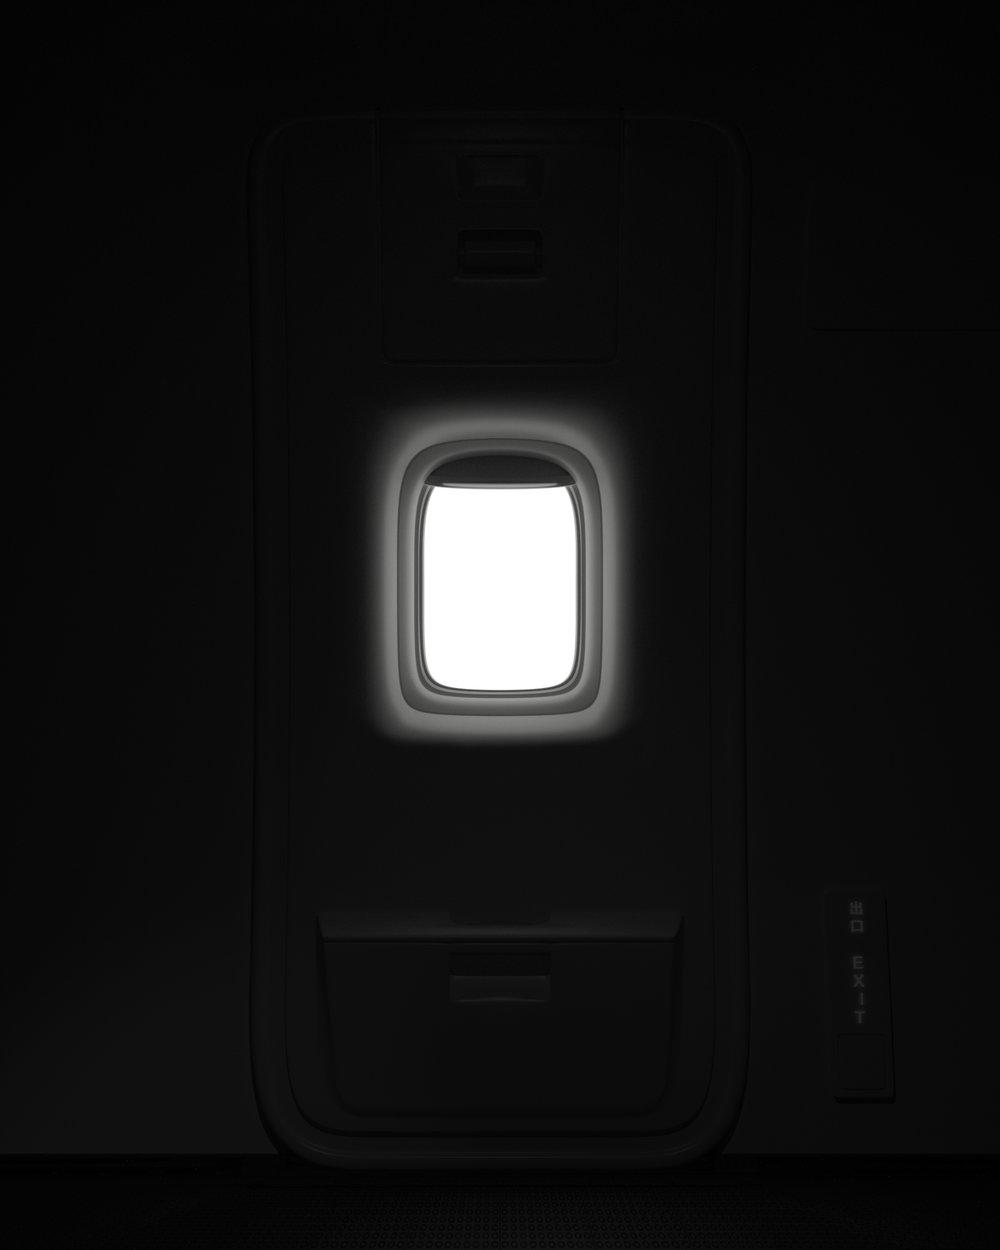 机窗3小.jpg